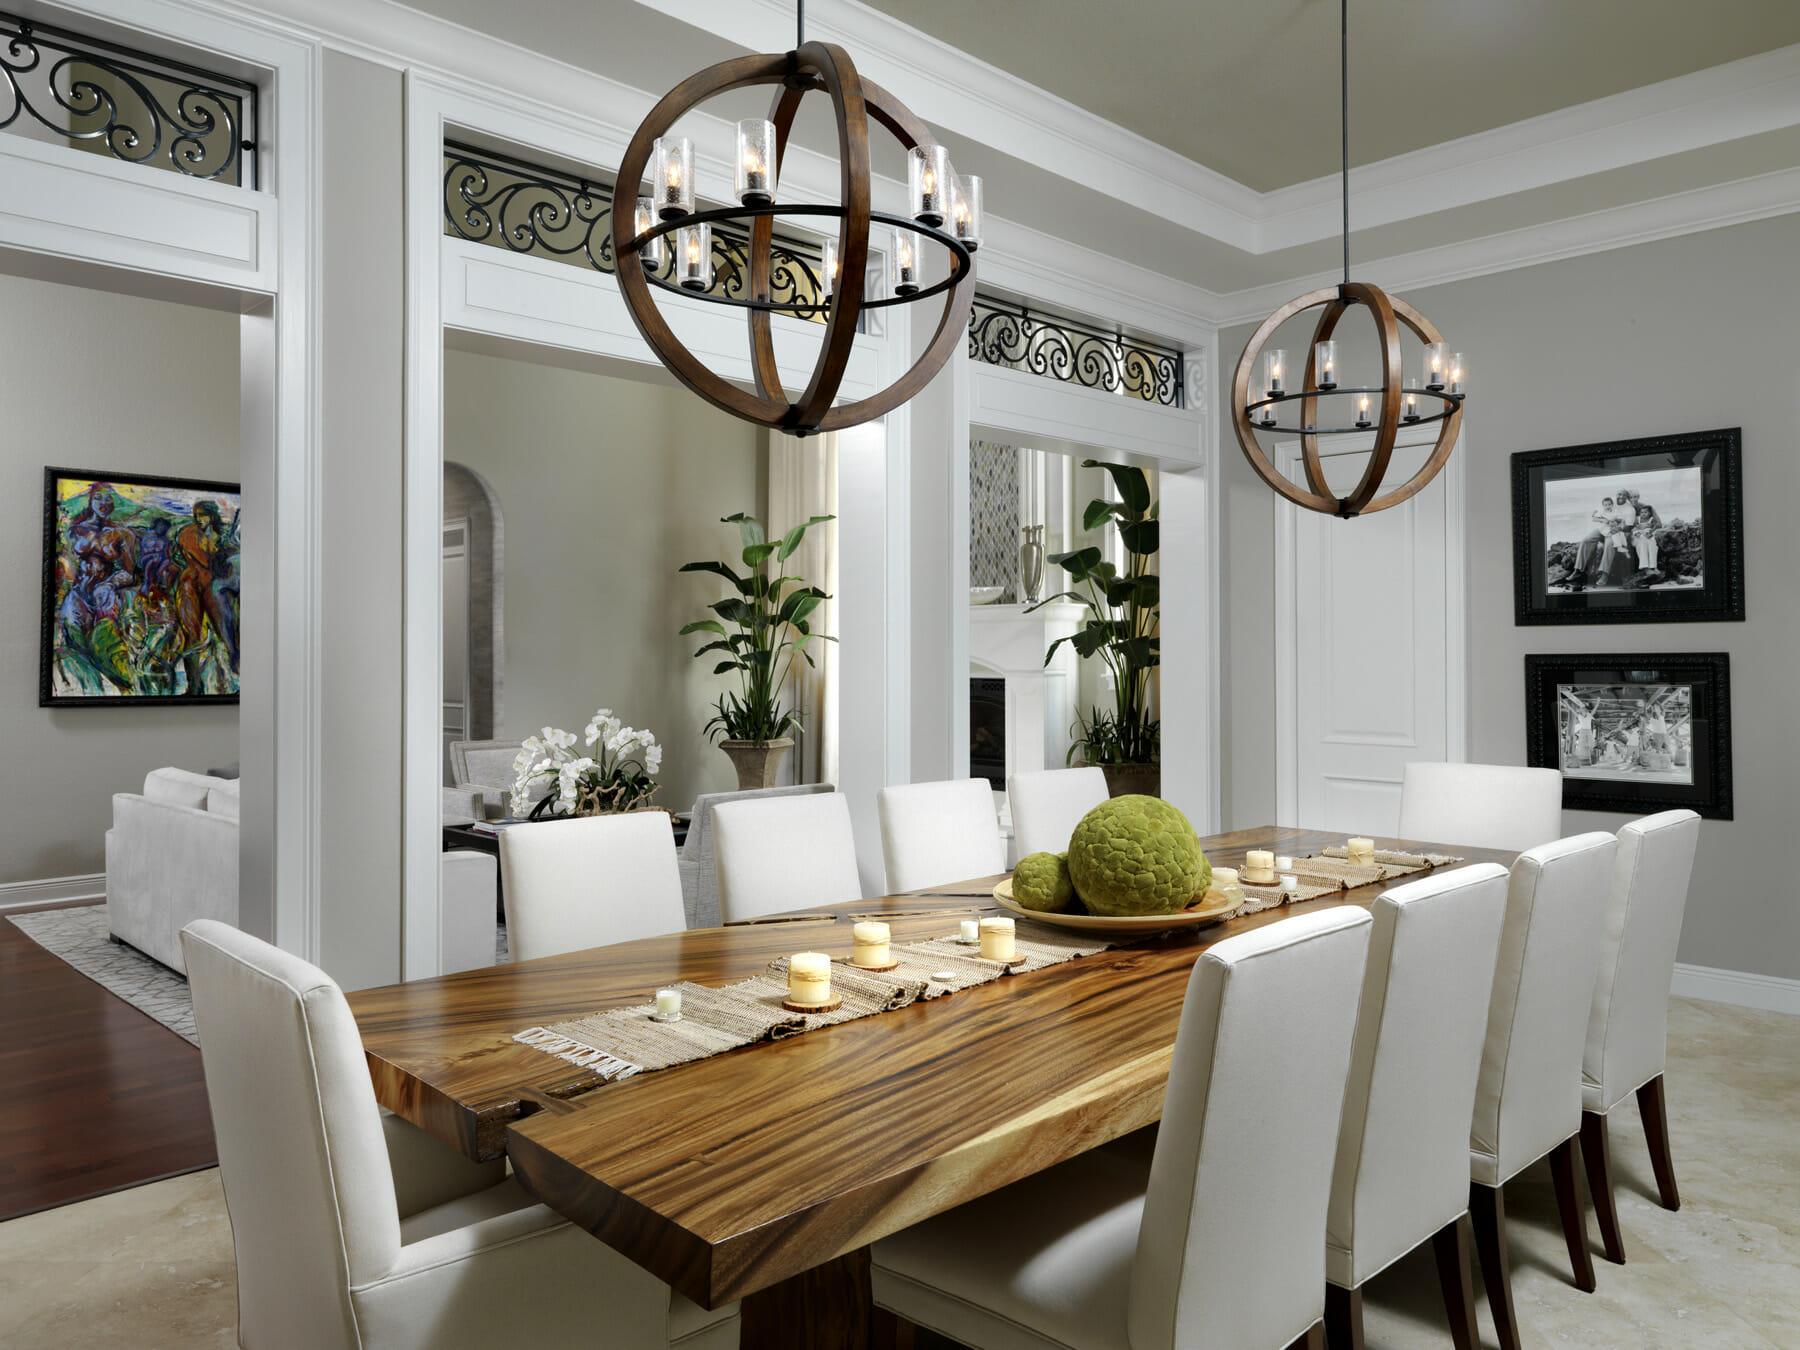 terri-white-tampa-interior-decorators-Dining-Room